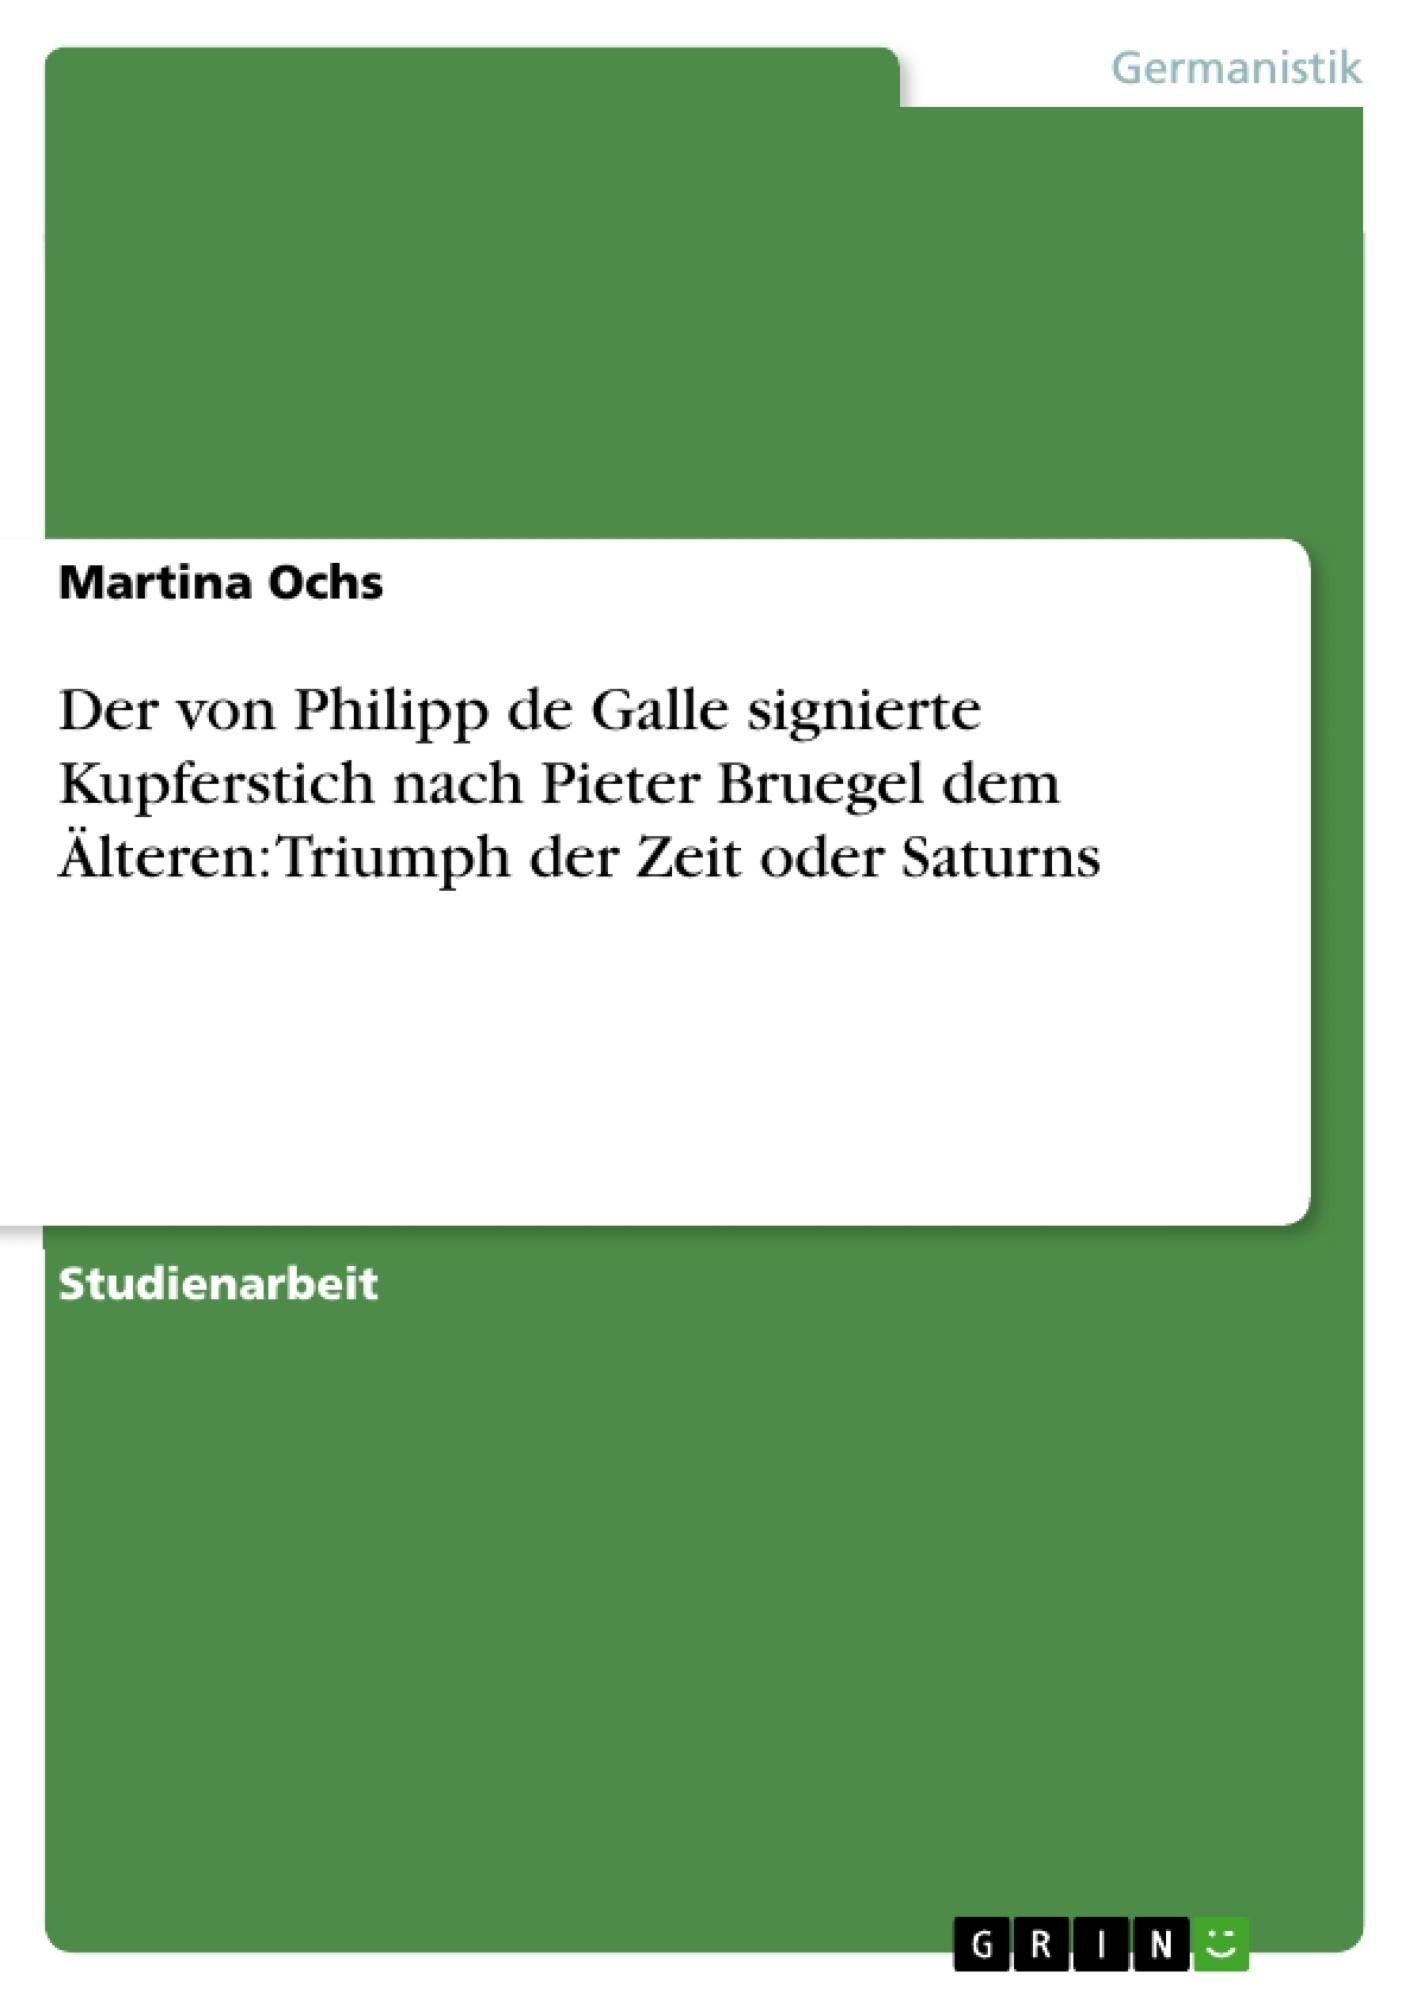 Titel: Der von Philipp de Galle signierte Kupferstich nach Pieter Bruegel dem Älteren: Triumph der Zeit oder Saturns